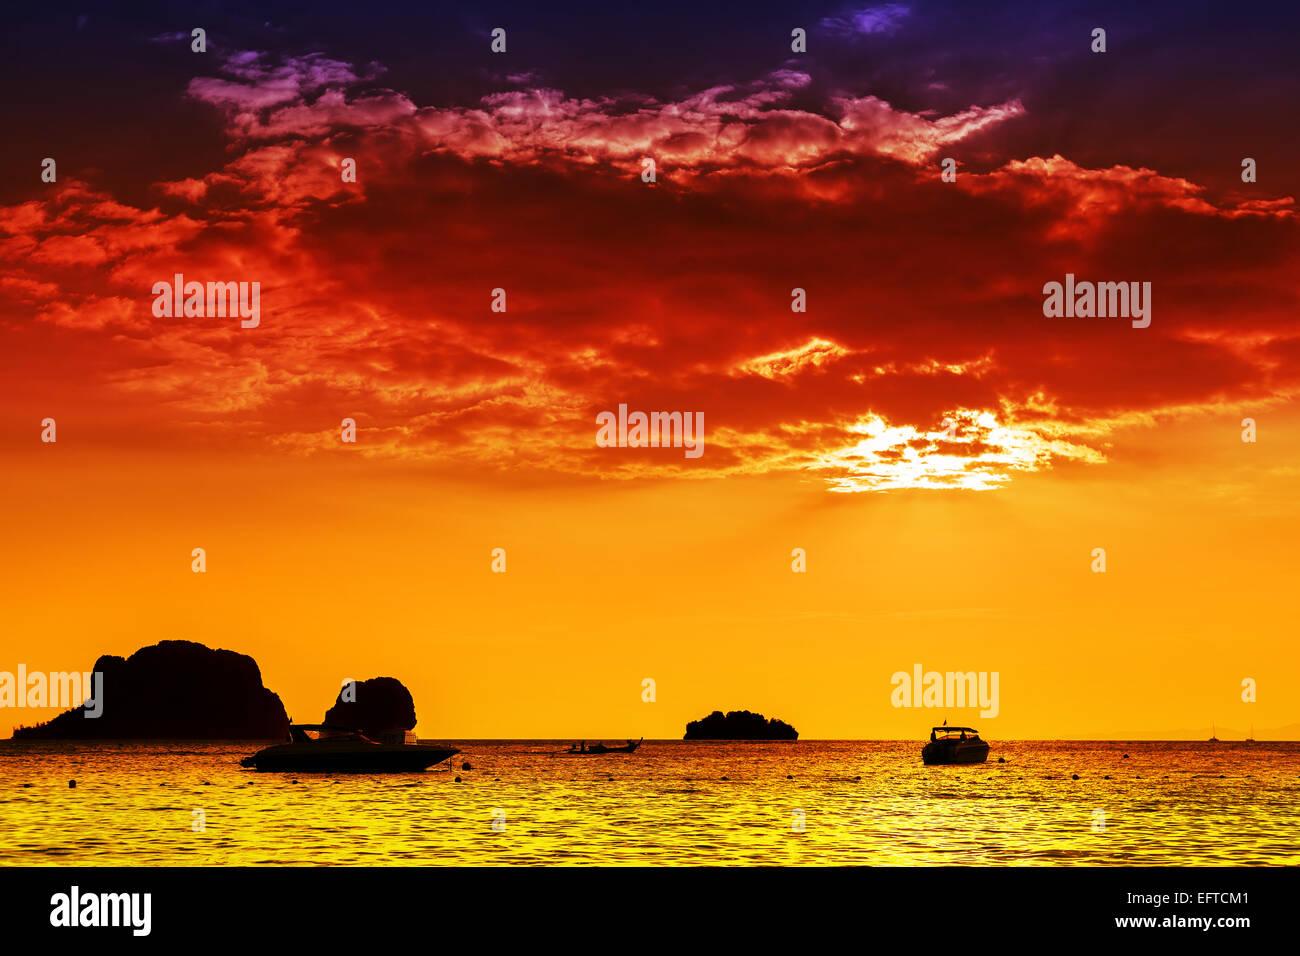 Les couleurs intenses de la mer au coucher du soleil, la nature. Photo Stock